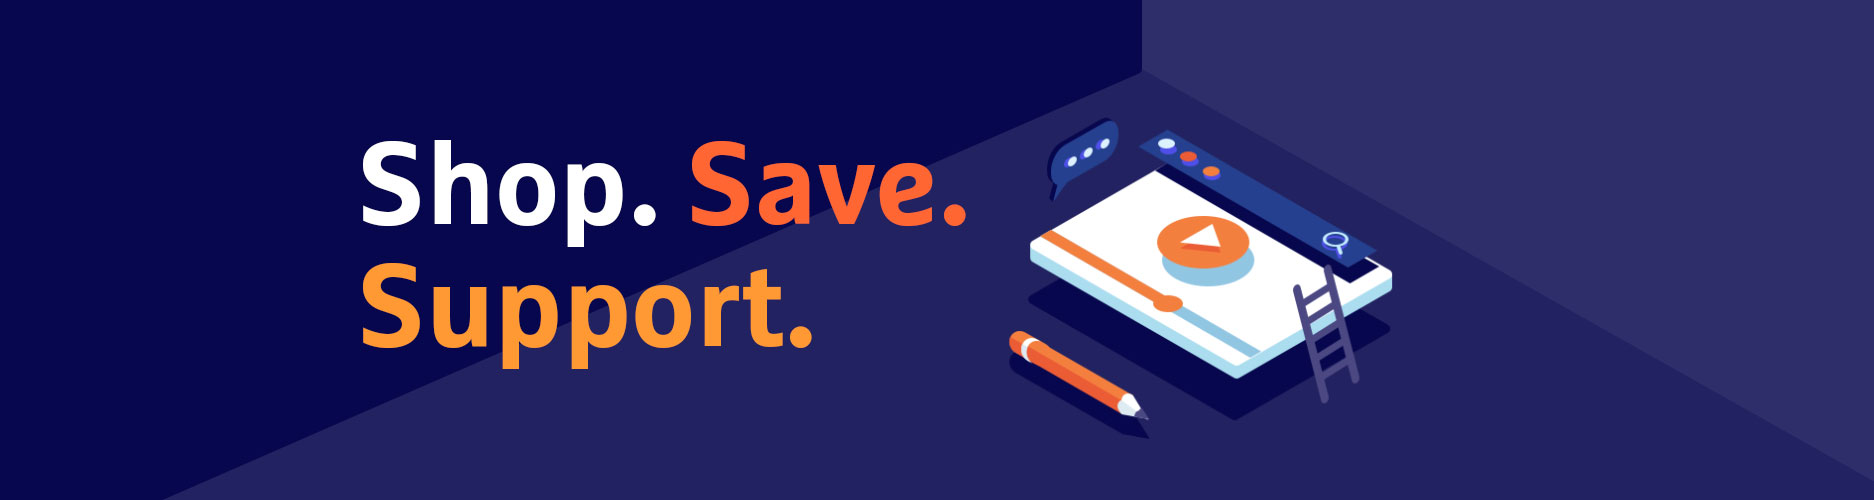 Shop Save Support Phoenix Health Fund